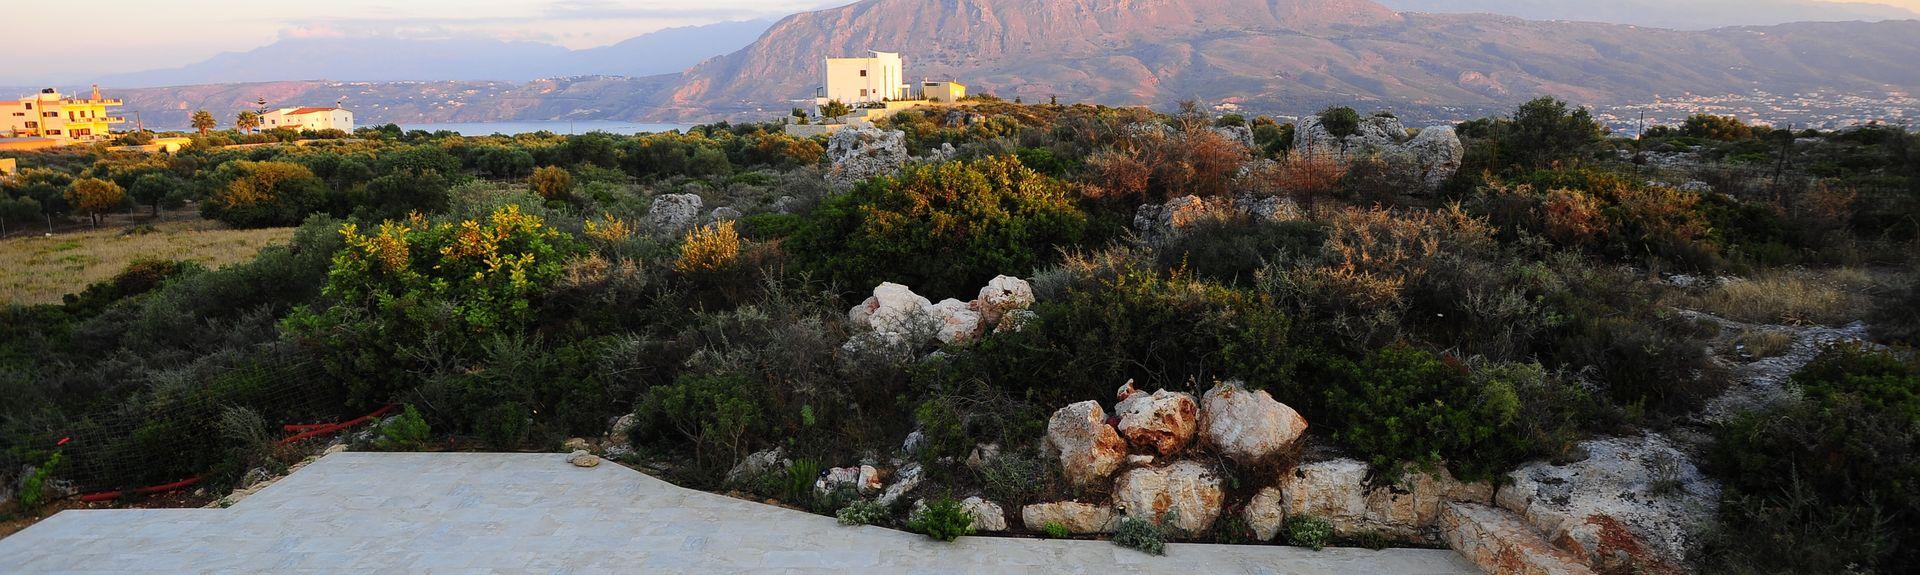 Museo regional de Chania, La Canea, Isla de Creta, Grecia